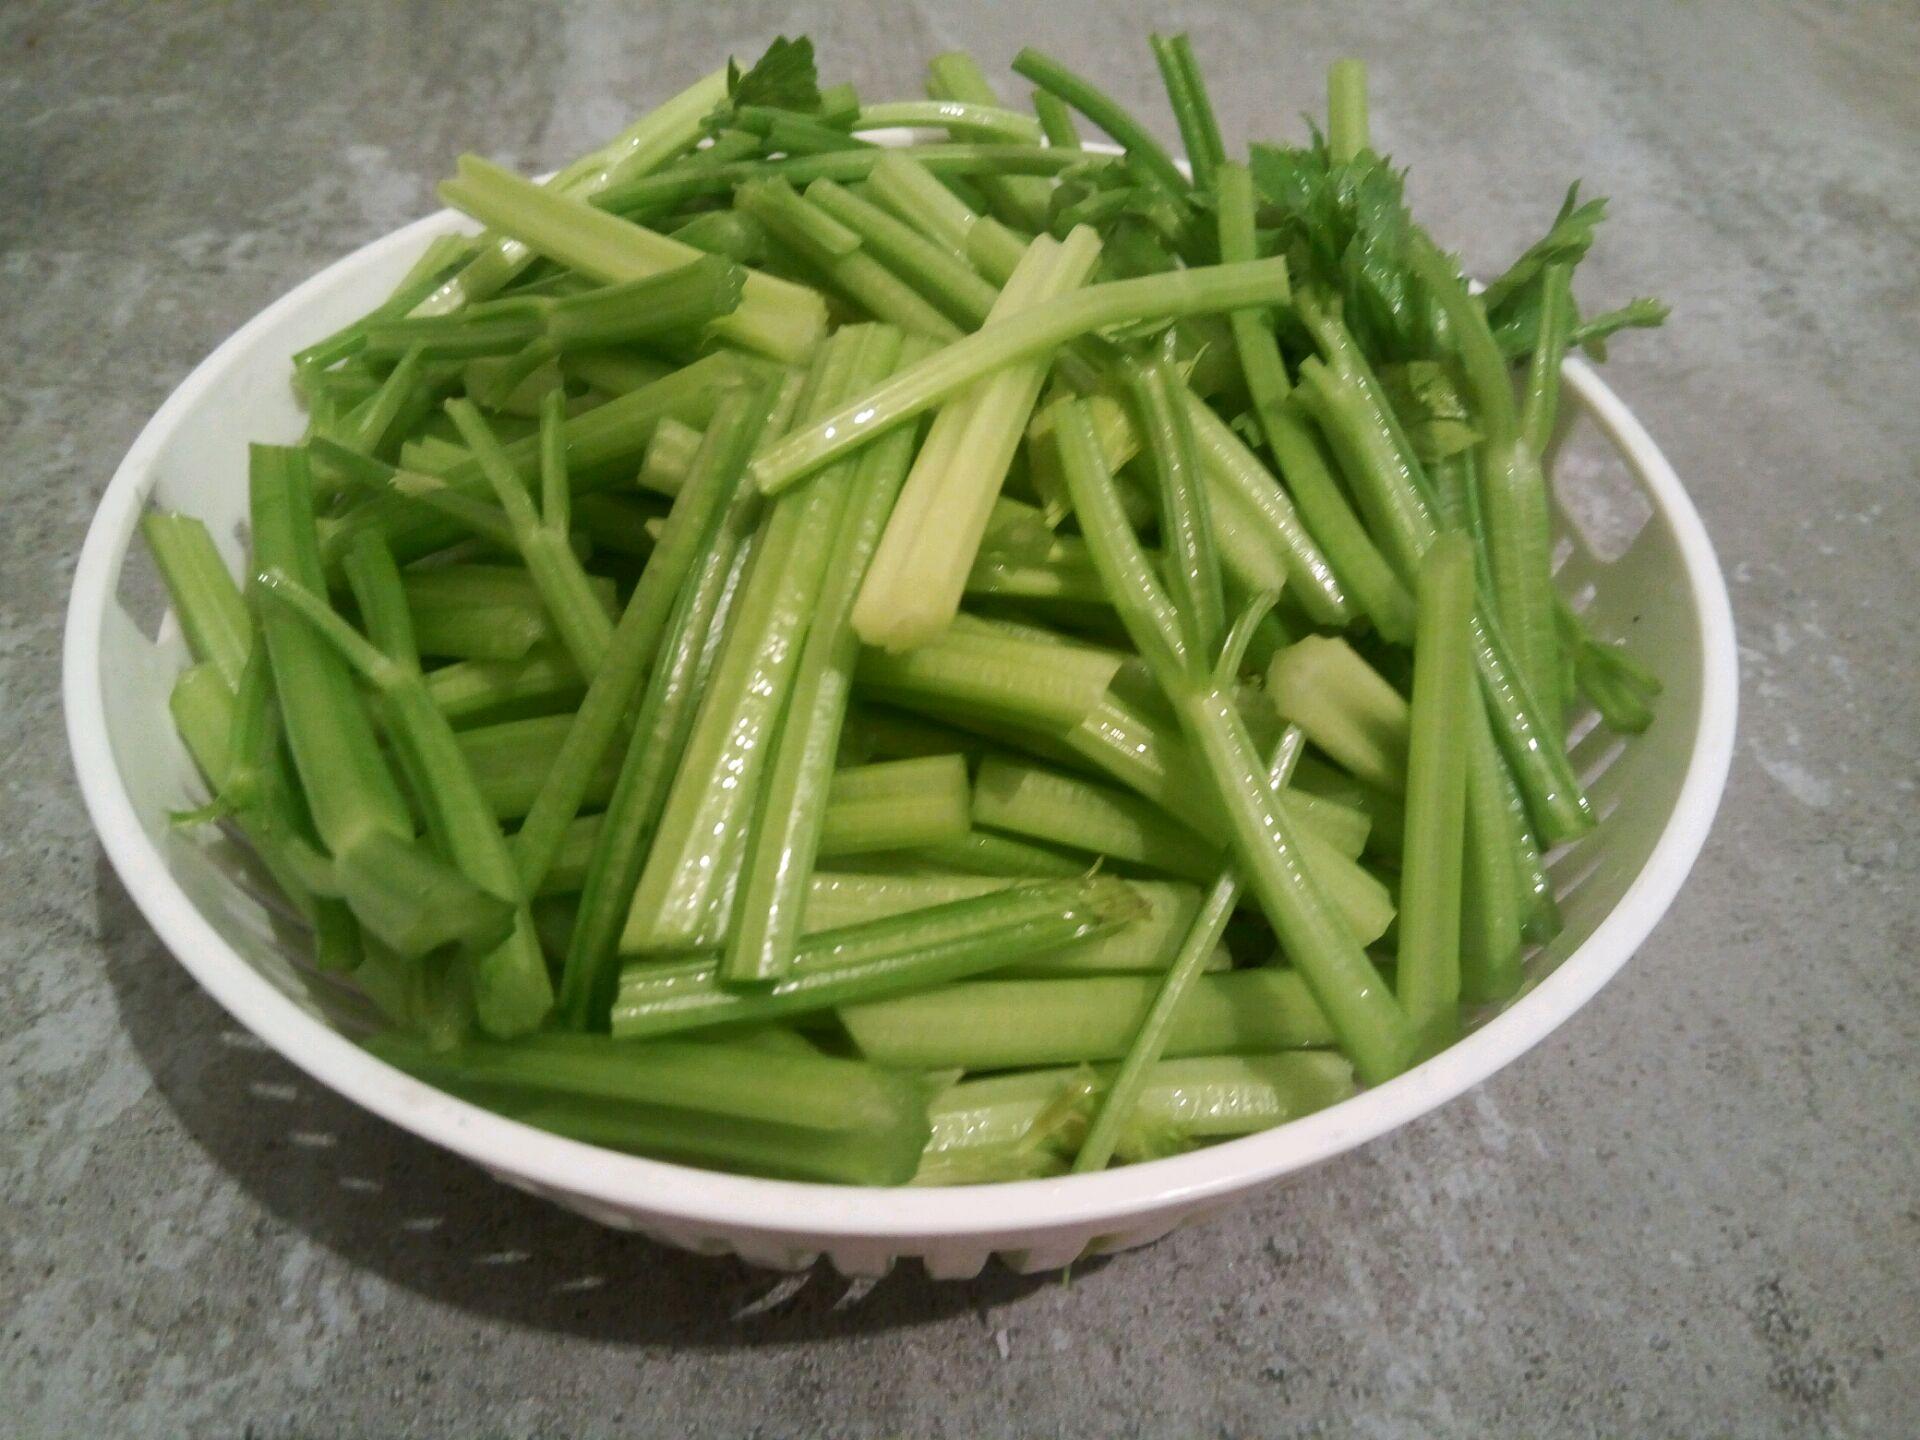 芹菜炒牛肉的做法步骤